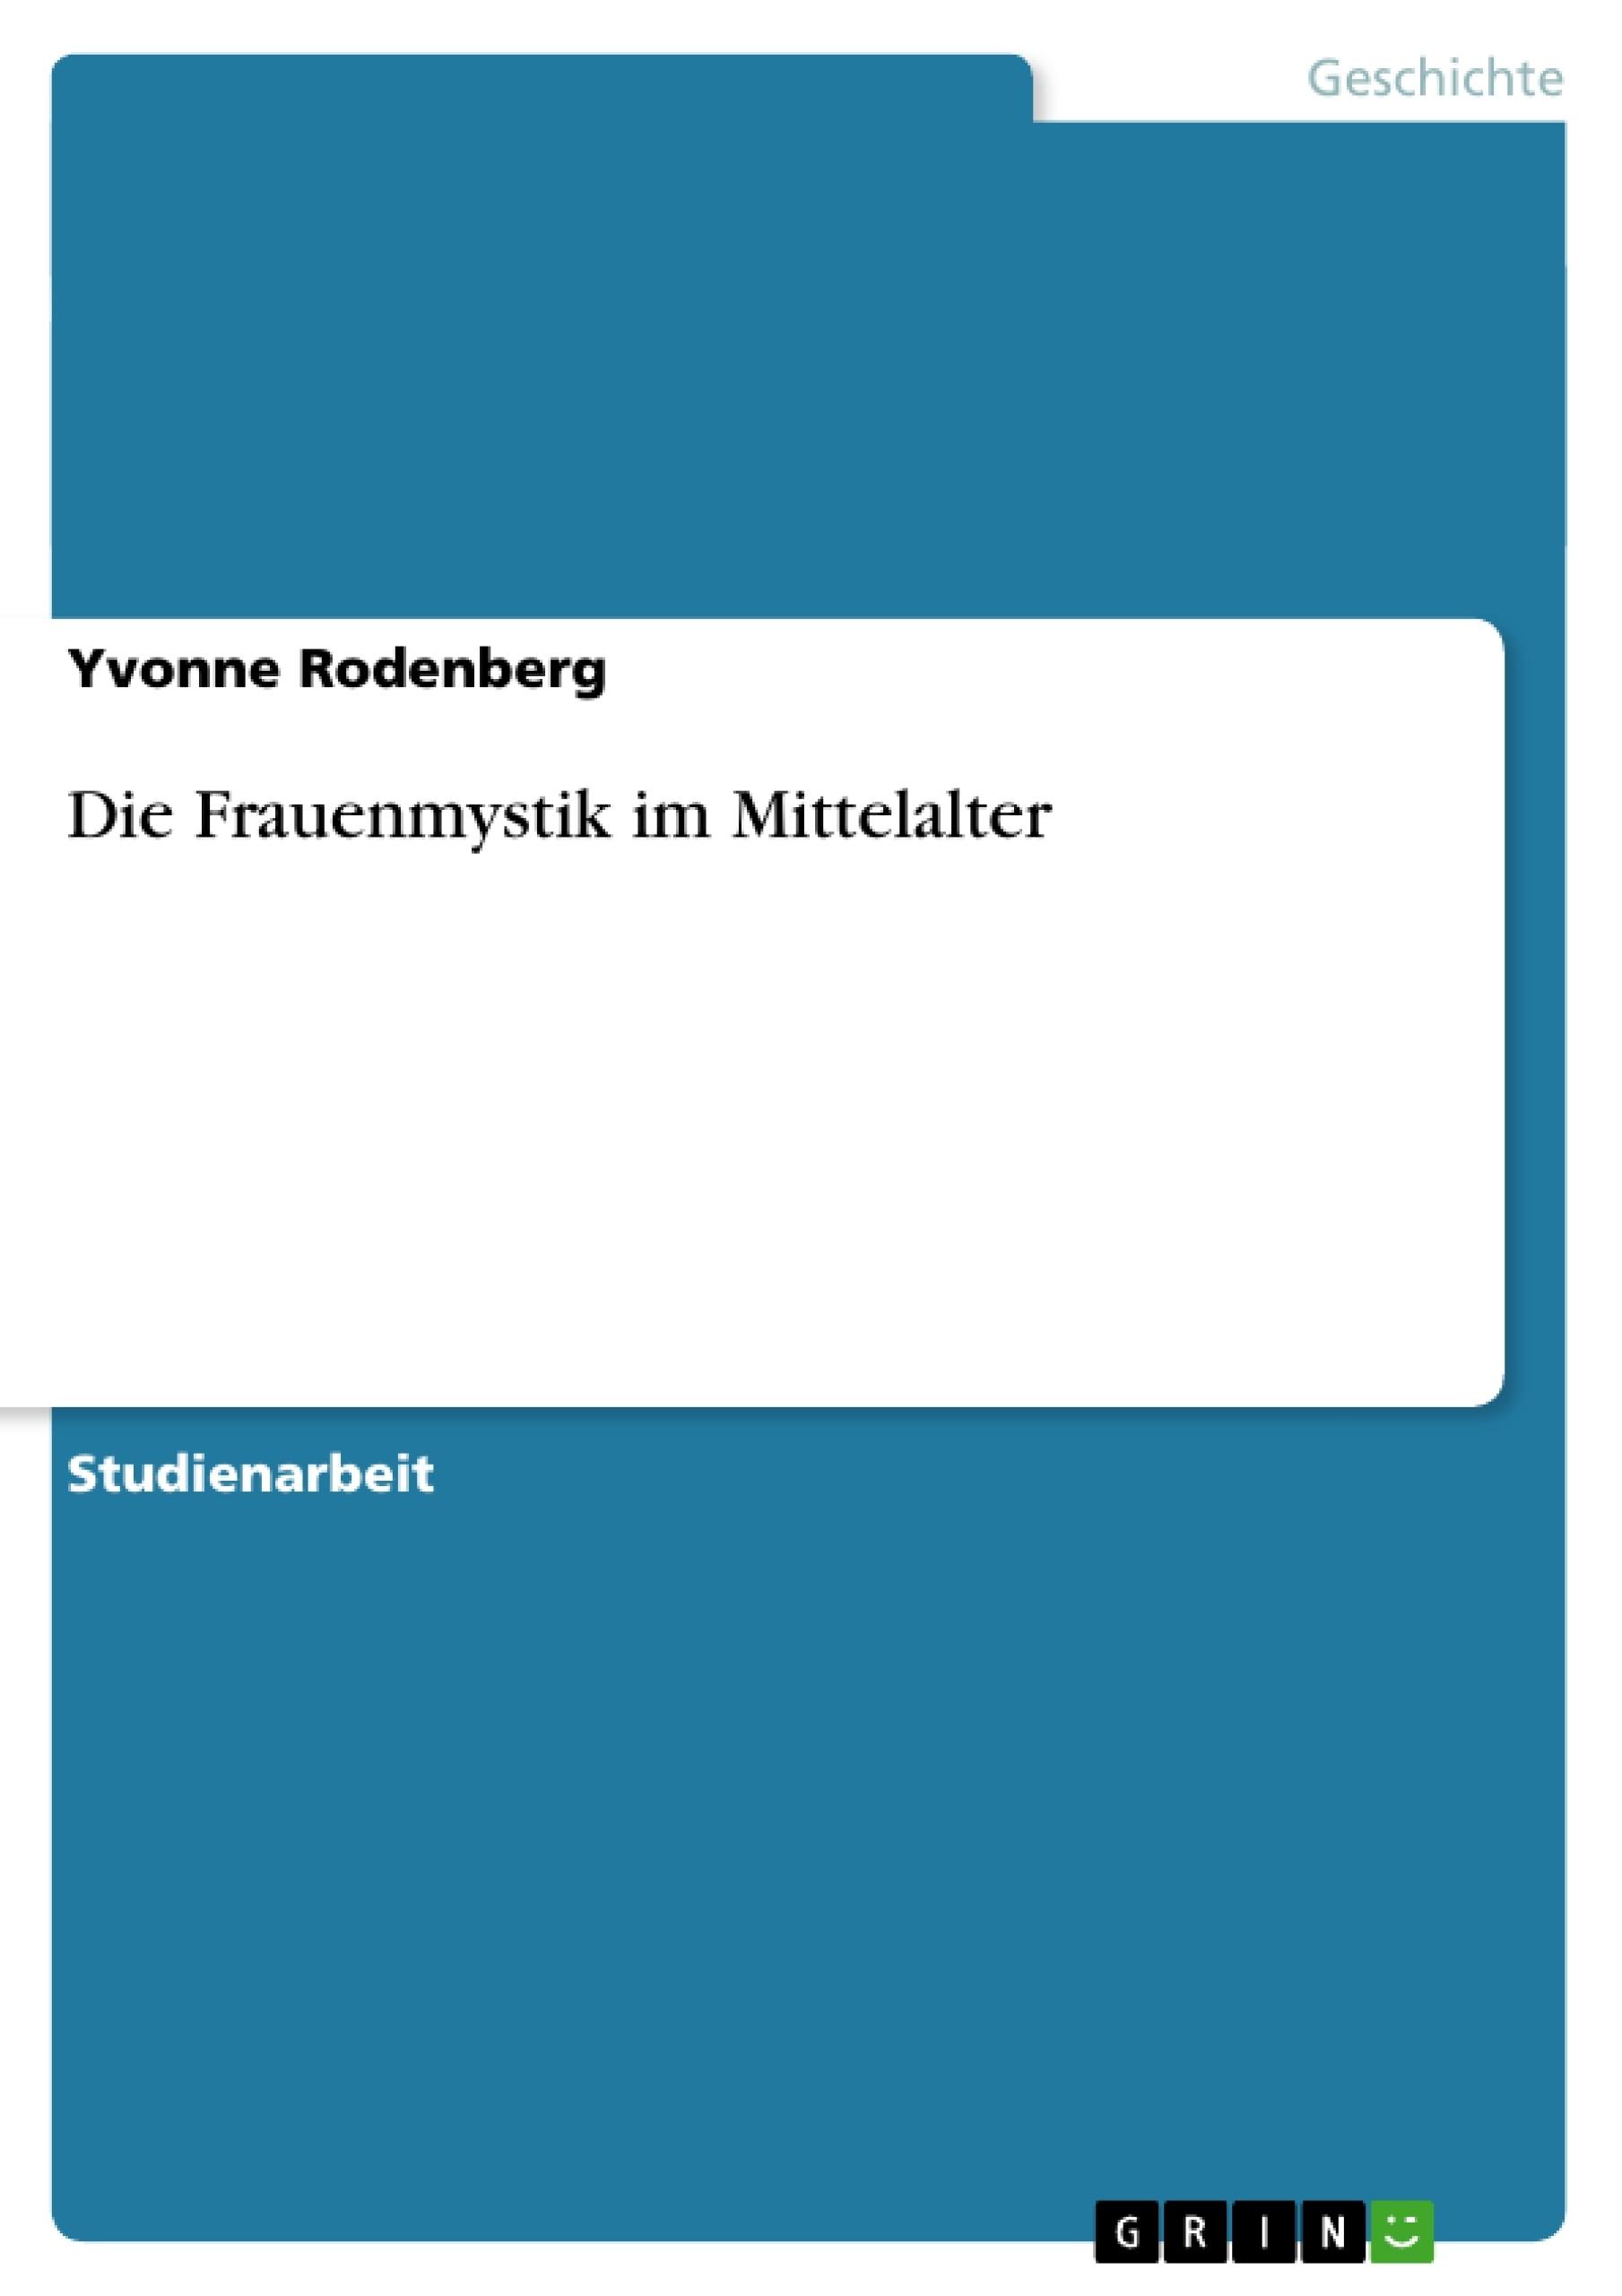 Titel: Die Frauenmystik im Mittelalter